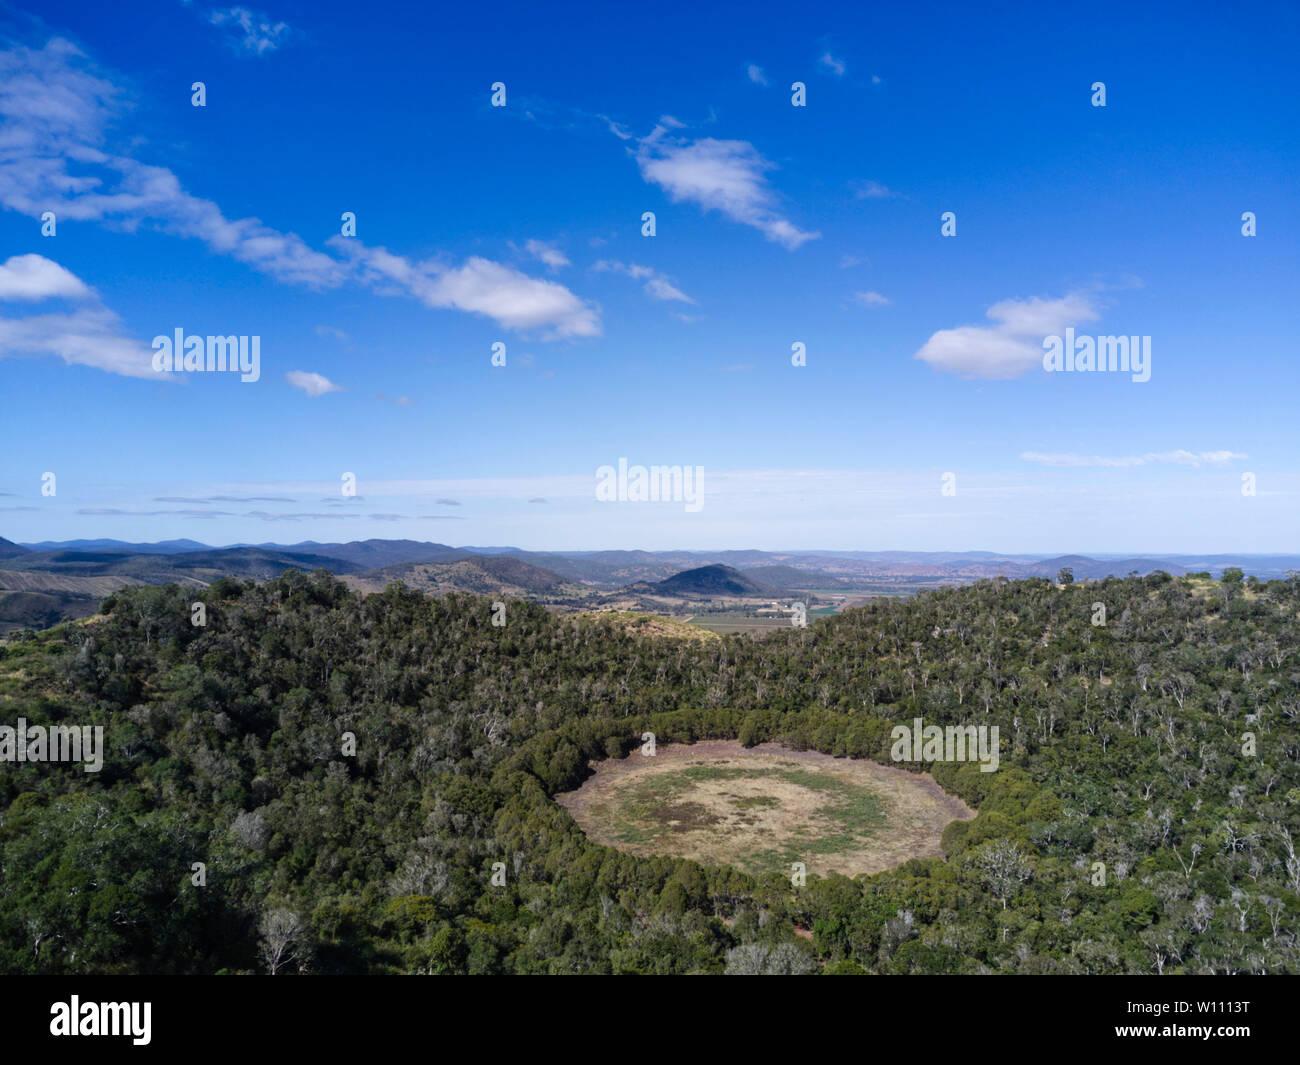 Mt Le Brun, un volcán extinto, contiene dos grandes cráteres que forman los lagos someros. El Parque Nacional de Los Lagos de Coalstoun Queensland Australia Foto de stock